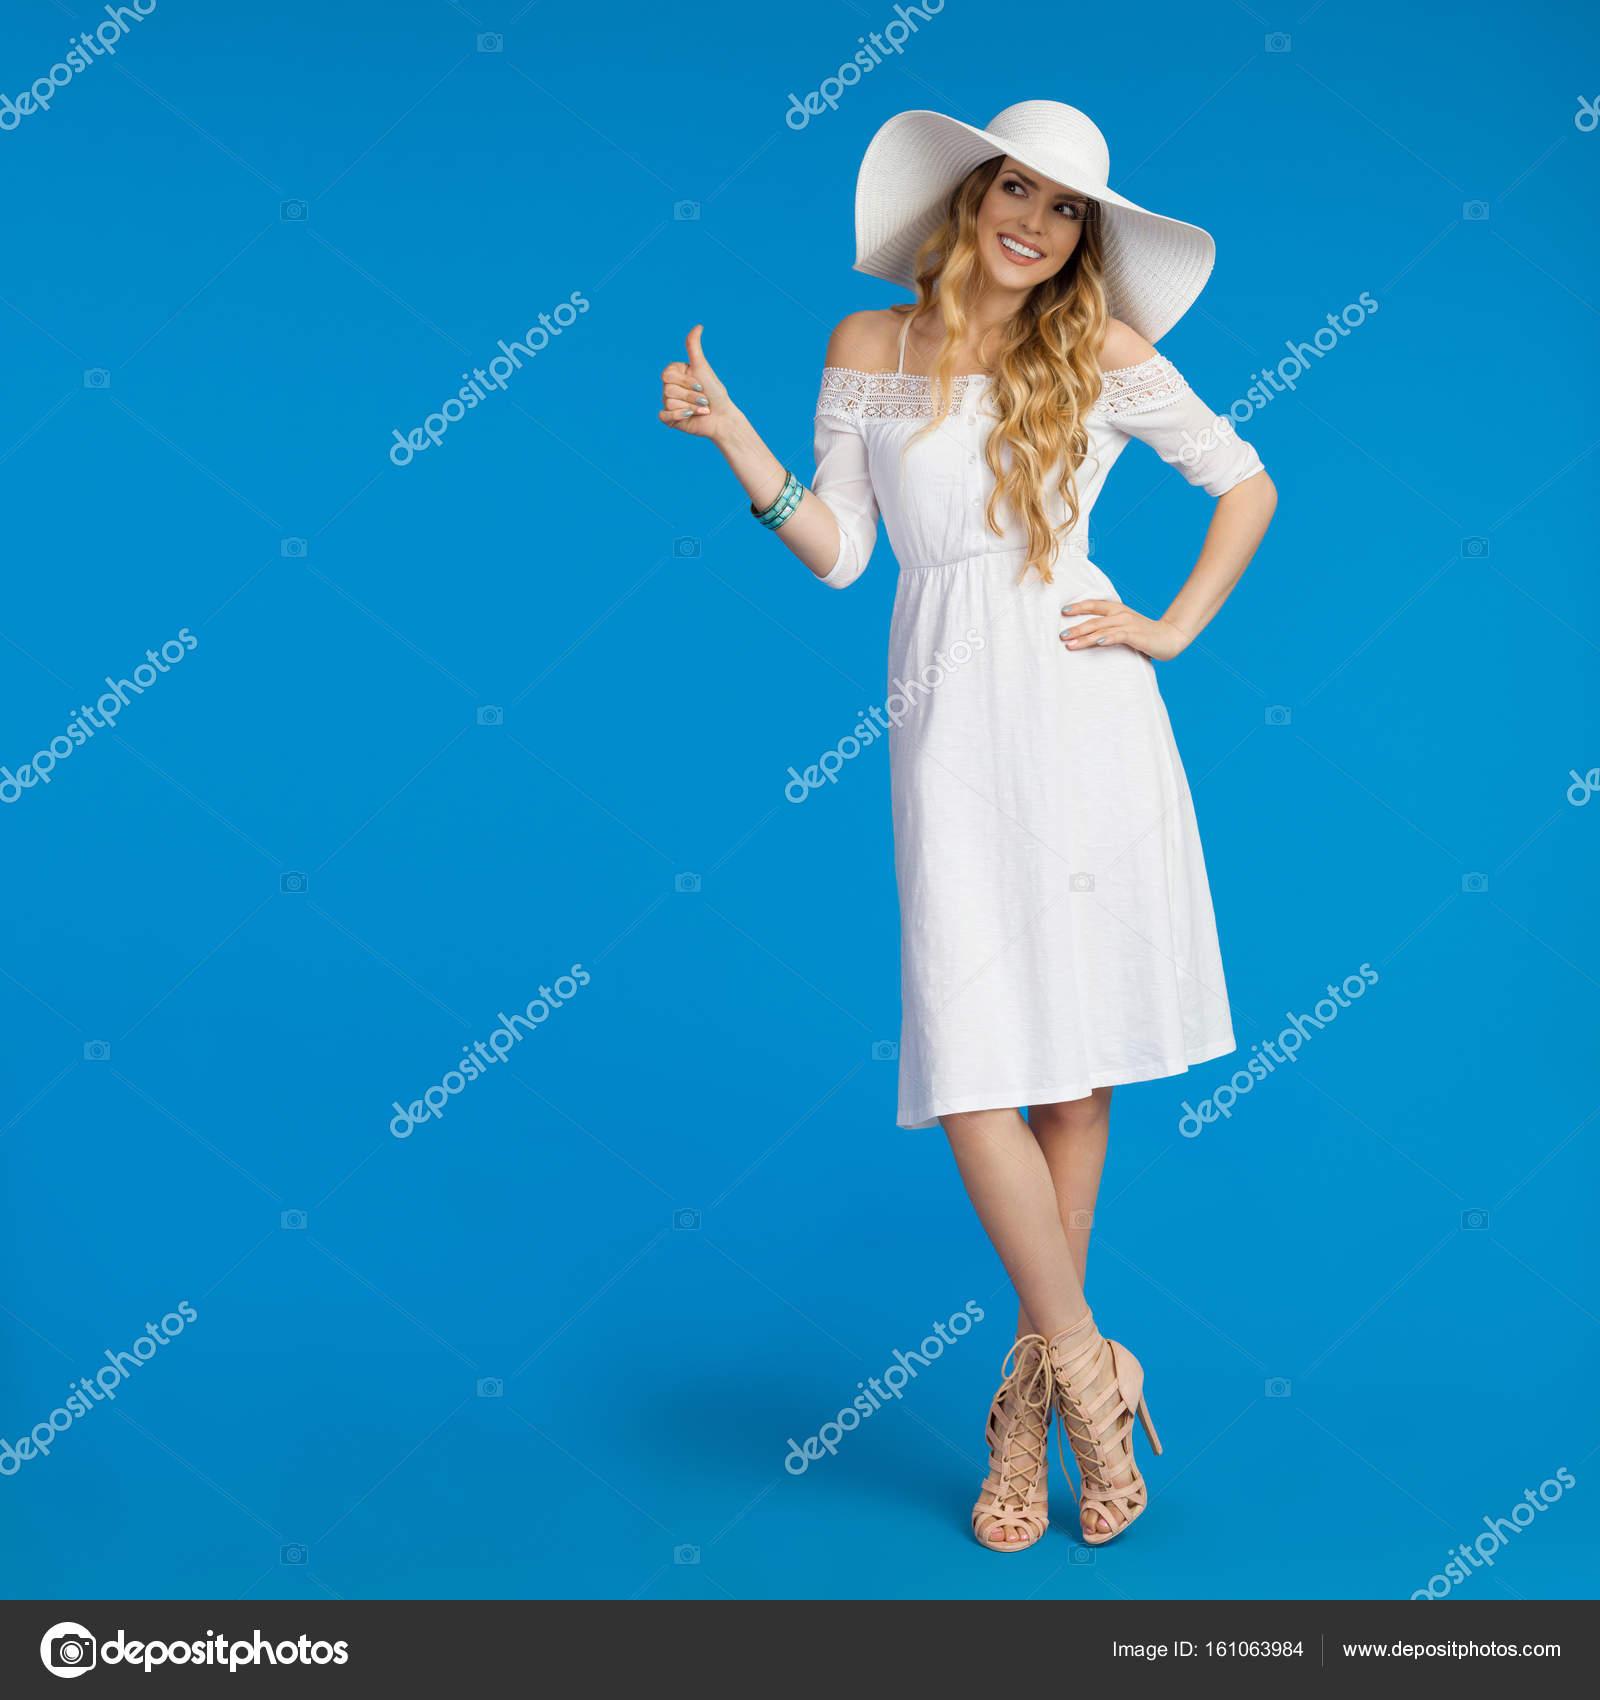 Soleil Se Femme Robe Blanche En Pouce De Belle Chapeau Profile Et rCBedxoW